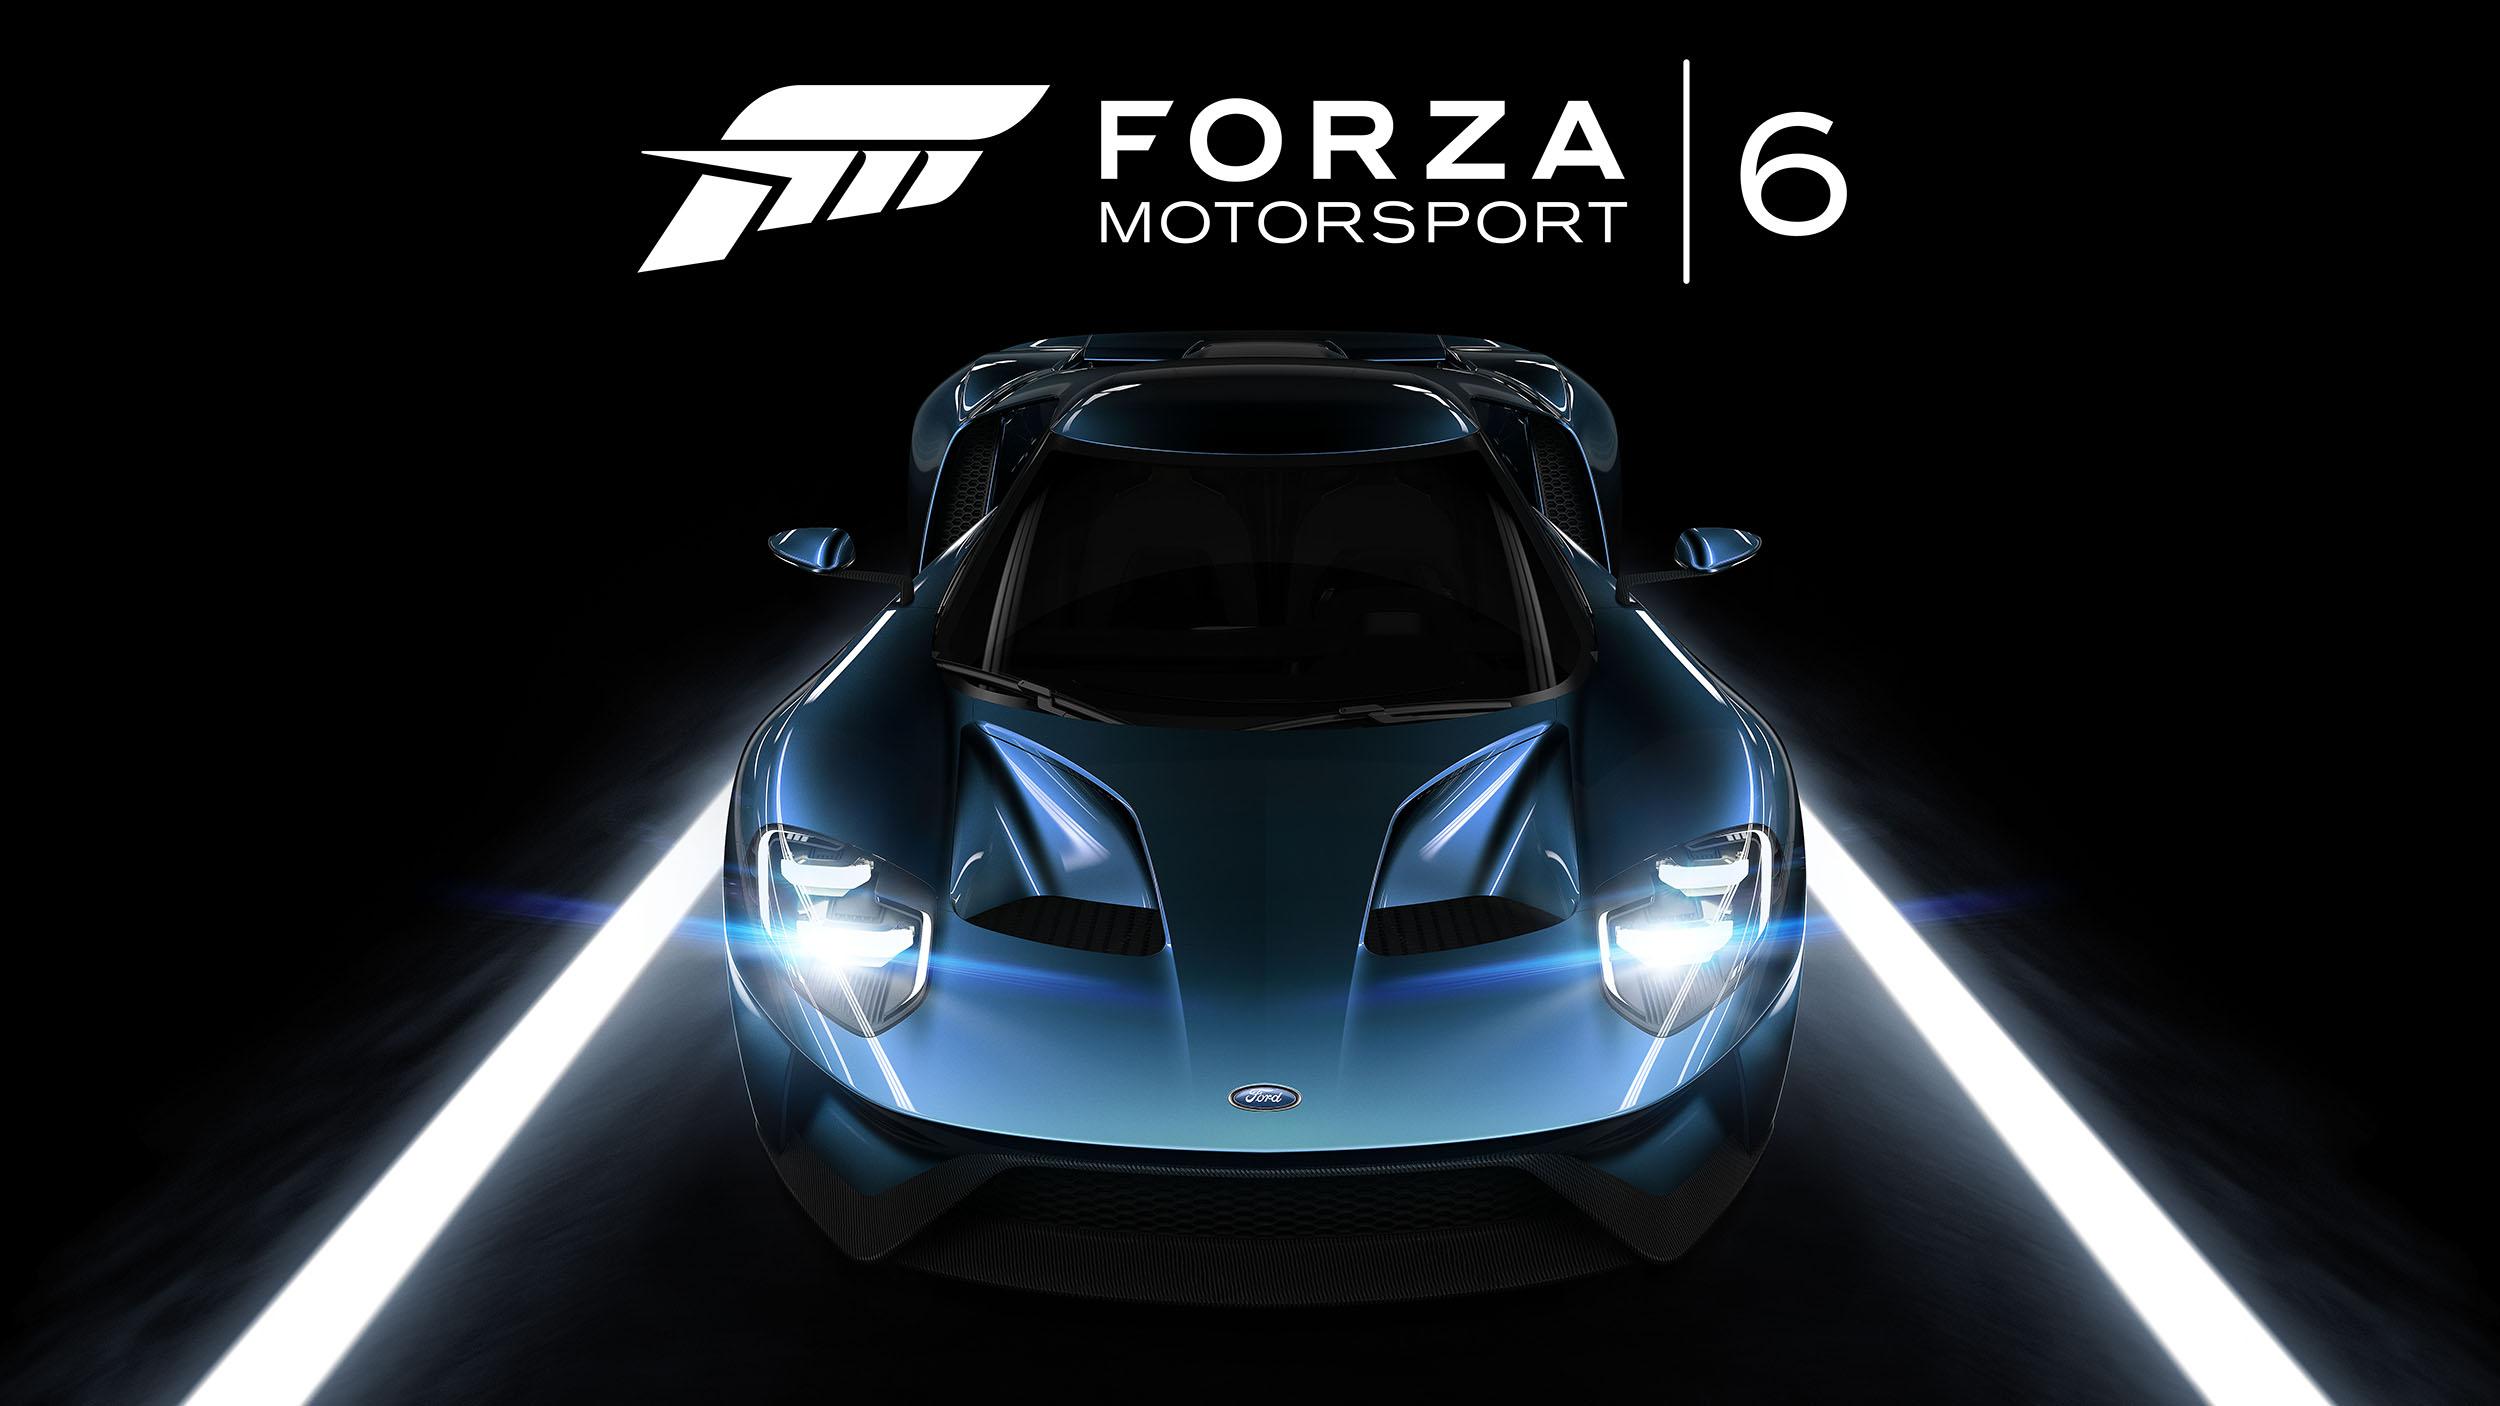 forza-6-key-art-horizontal